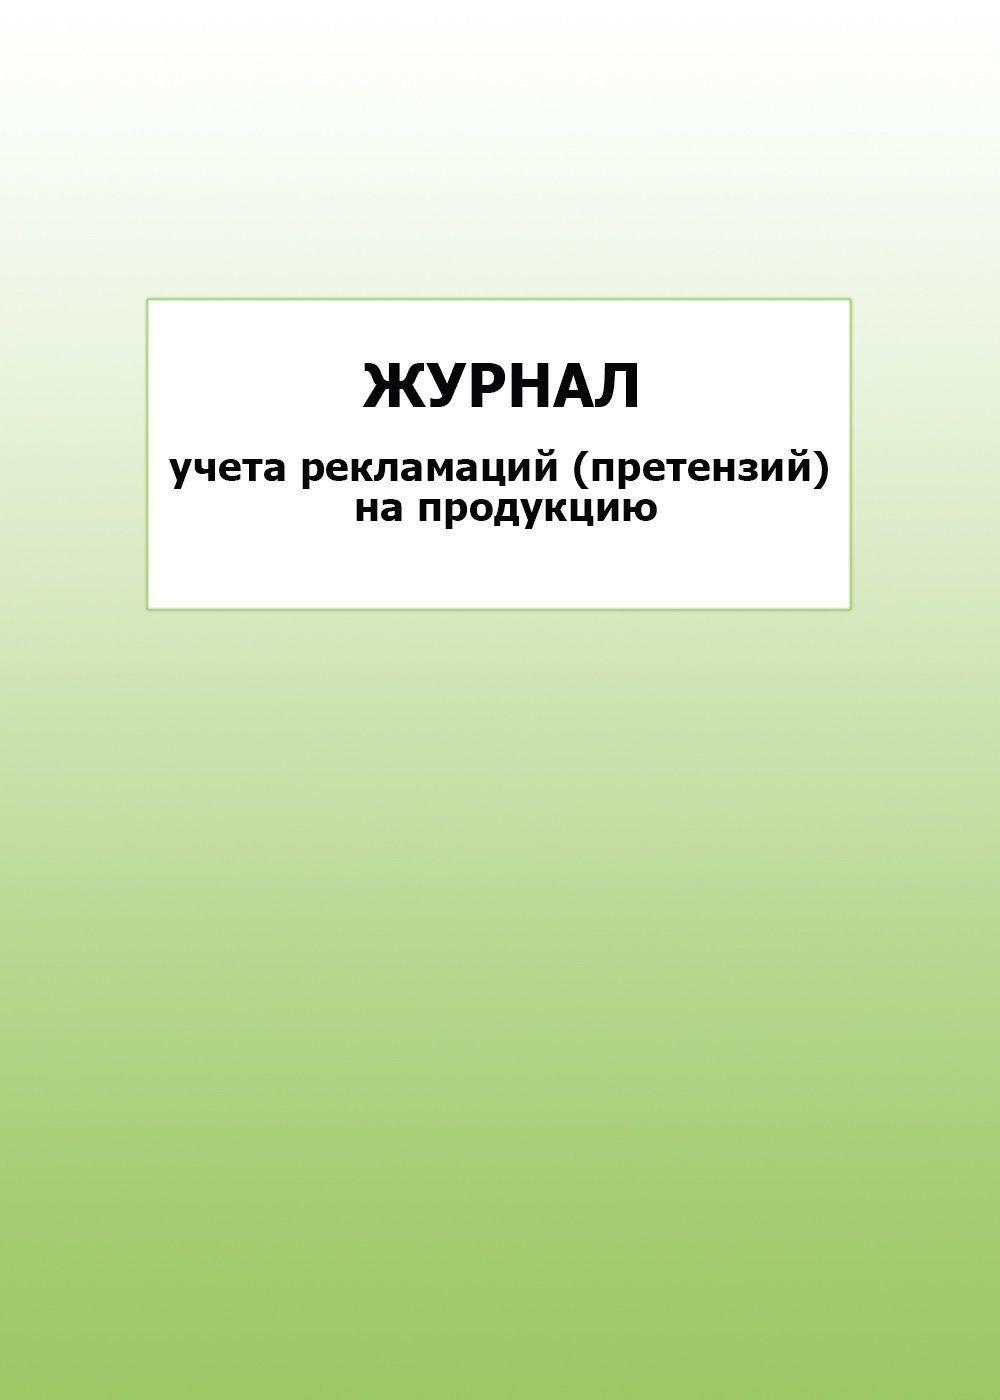 Журнал учета рекламаций (претензий) на продукцию: упаковка 100 шт.